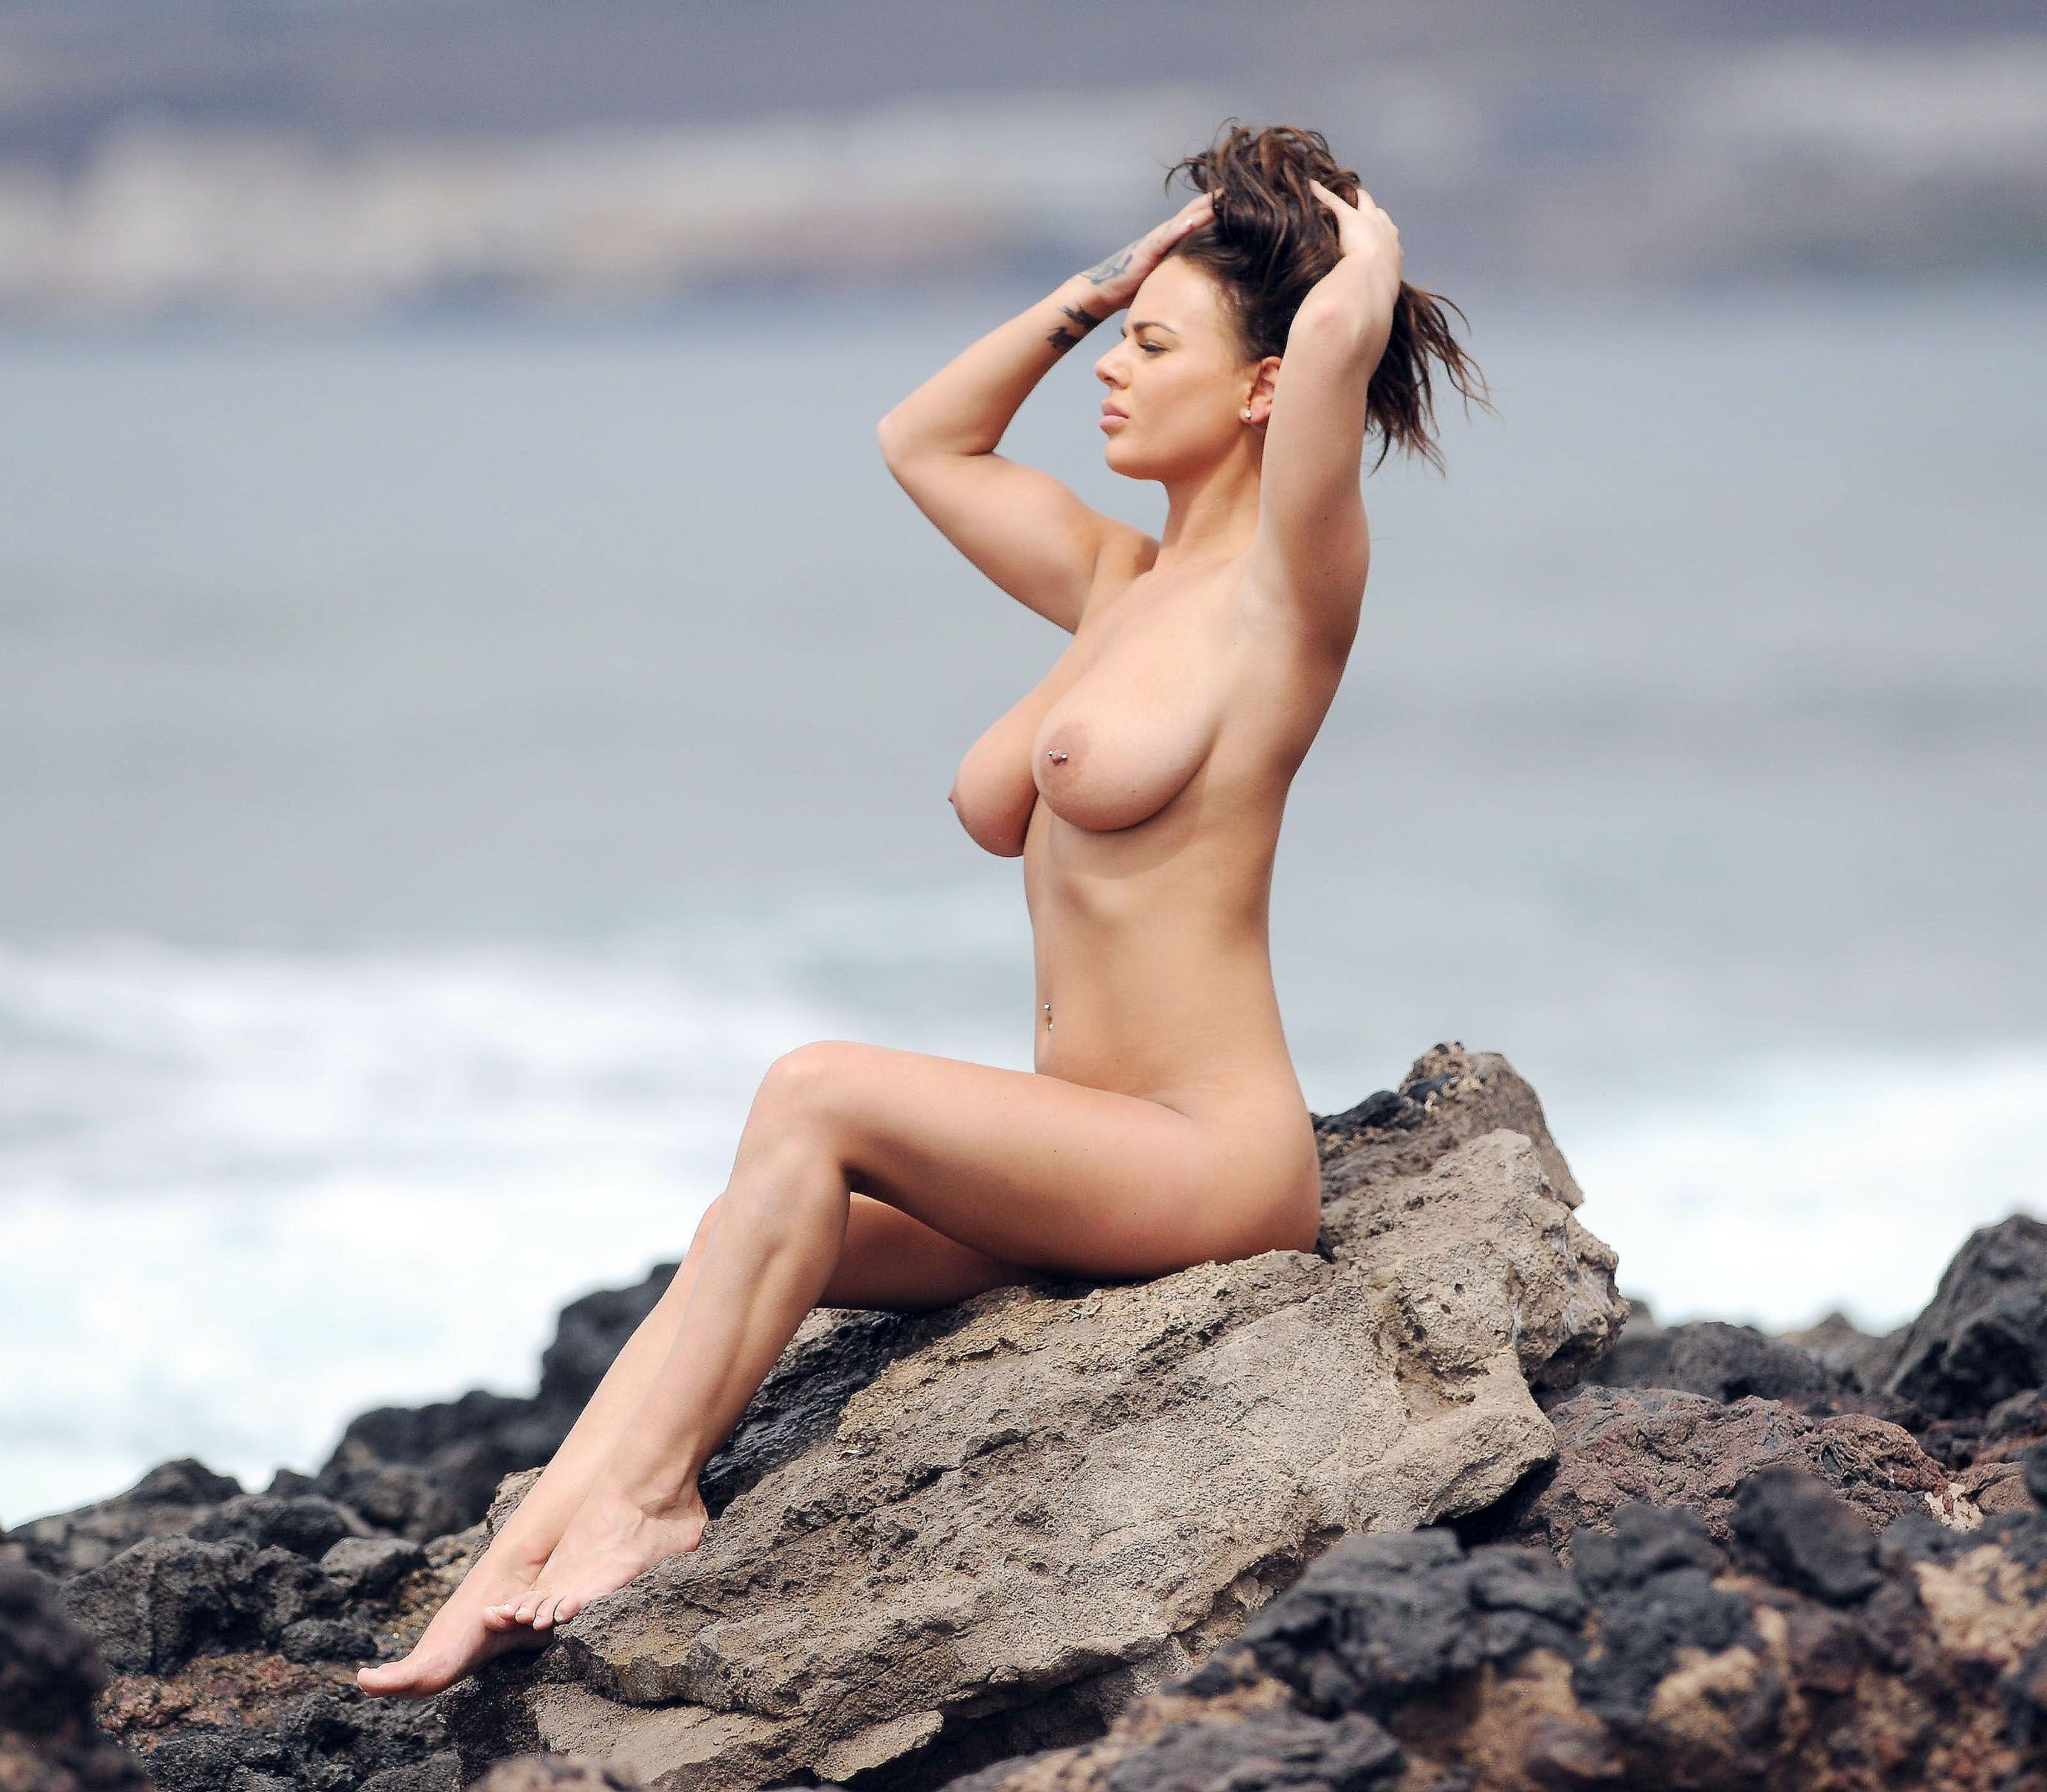 Instagram Gemma Lee Farrell nudes (48 foto and video), Topless, Bikini, Twitter, butt 2006